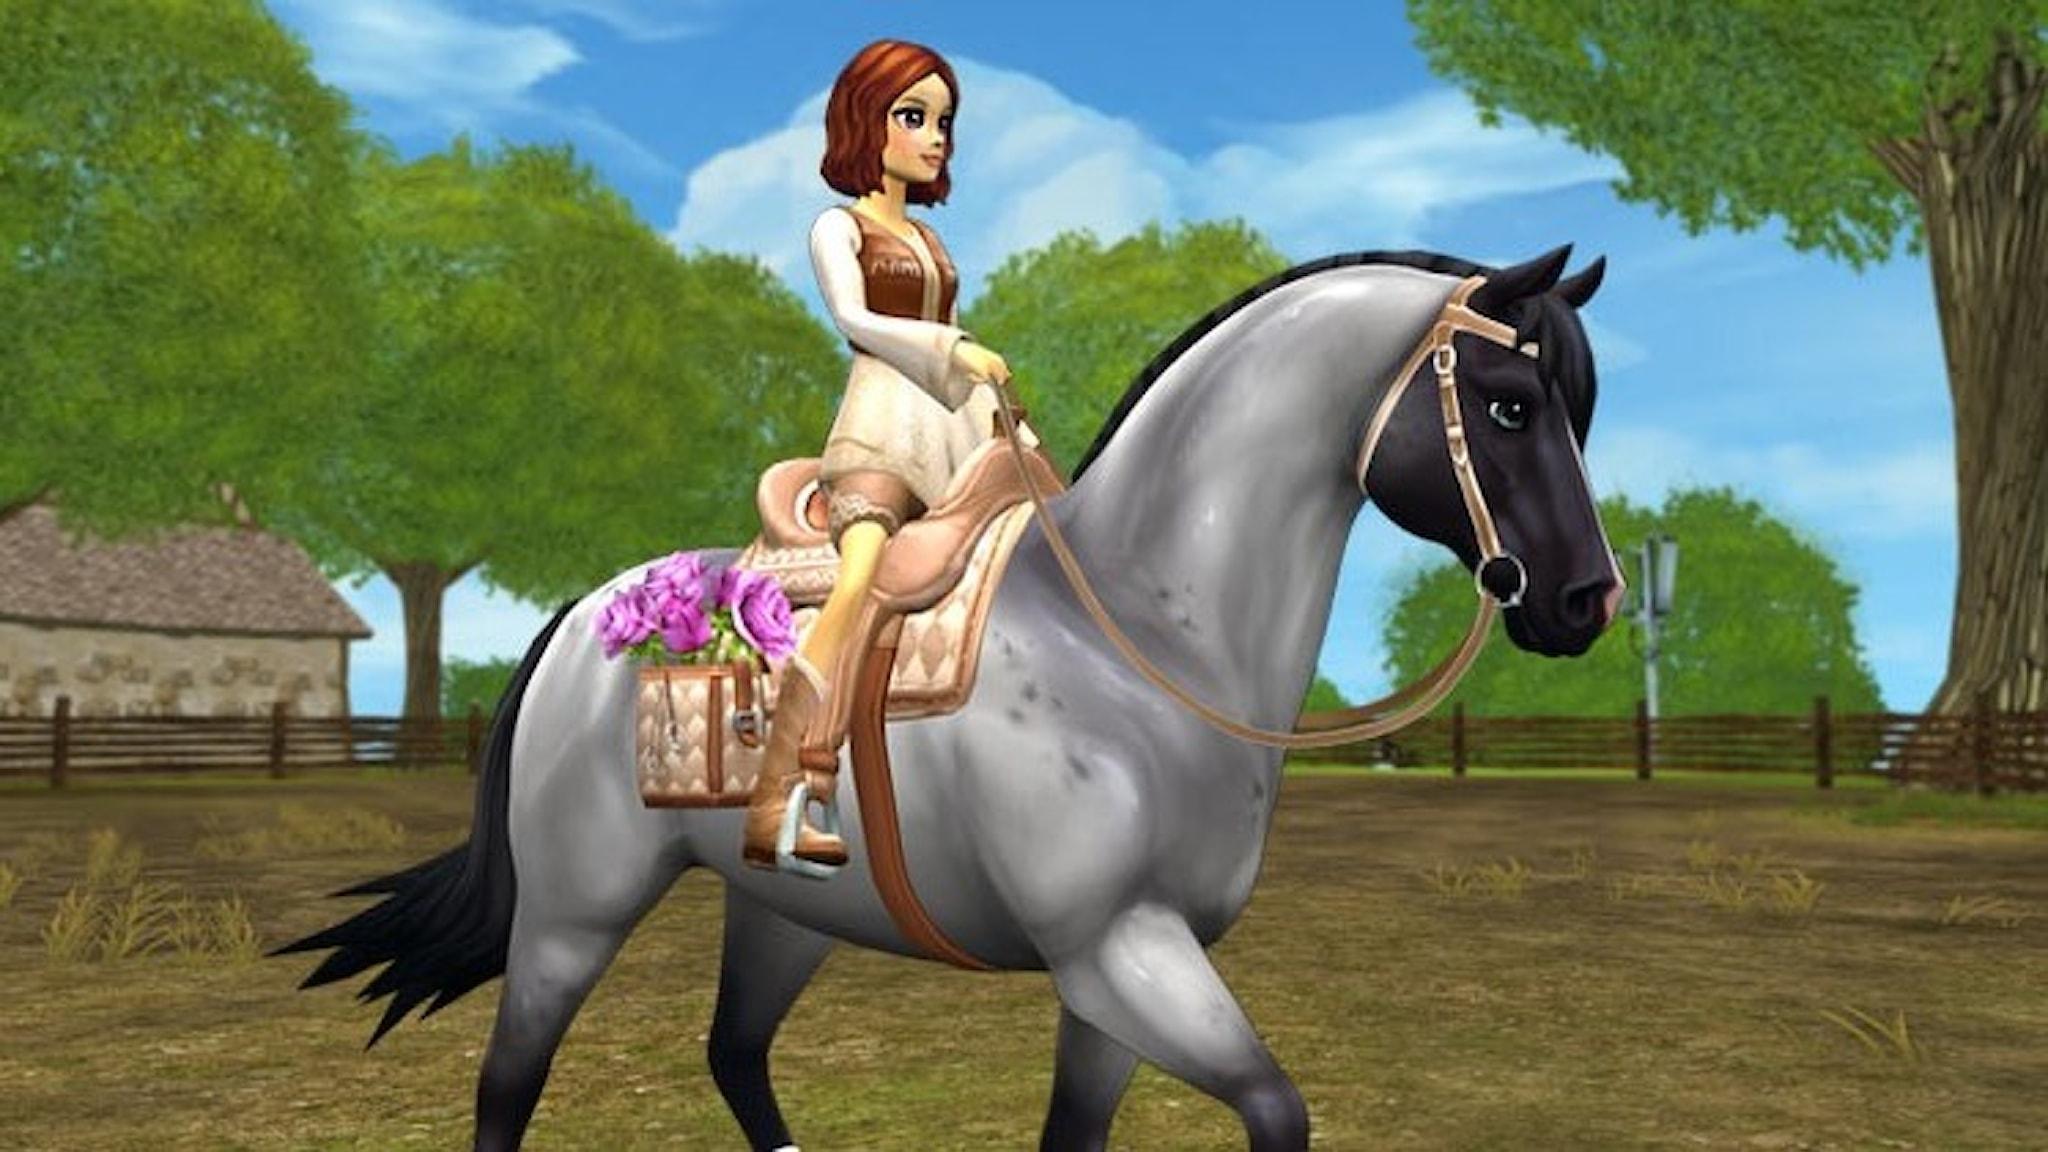 Tecknad bild av tjej till häst